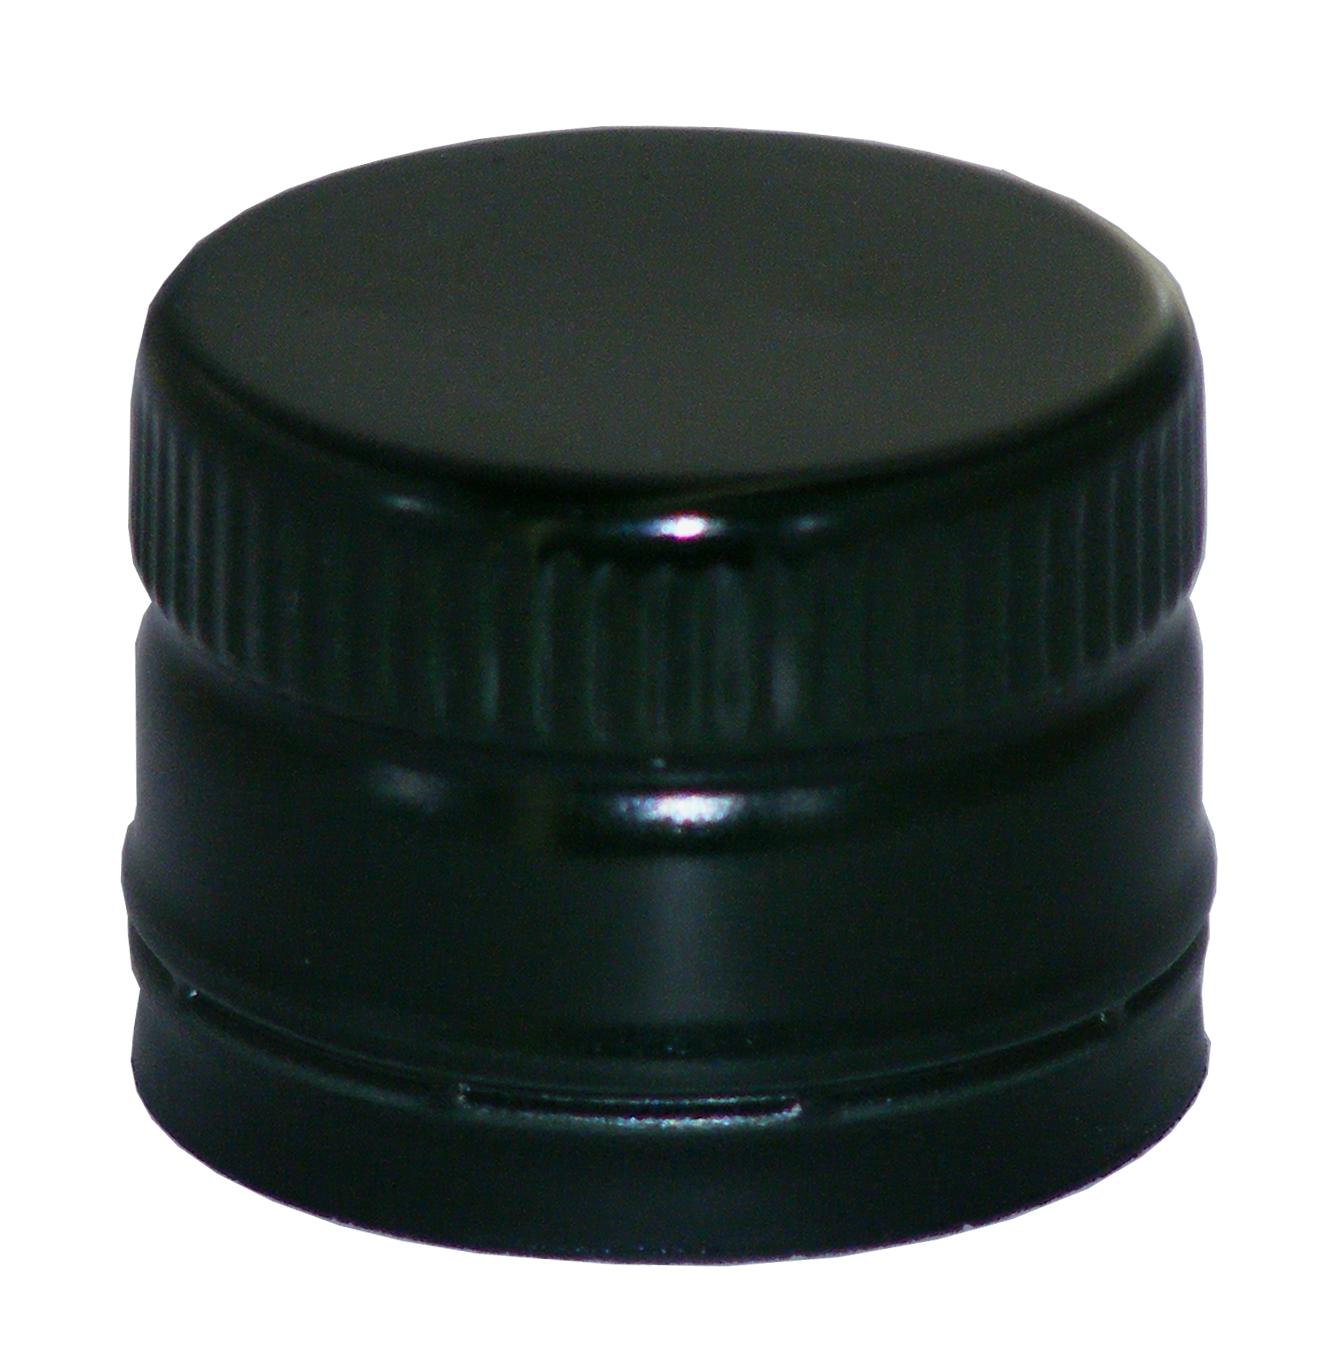 flaschenhandel giehl pp31 5 schraubverschluss schwarz alu mit ausgie er gewinde online. Black Bedroom Furniture Sets. Home Design Ideas